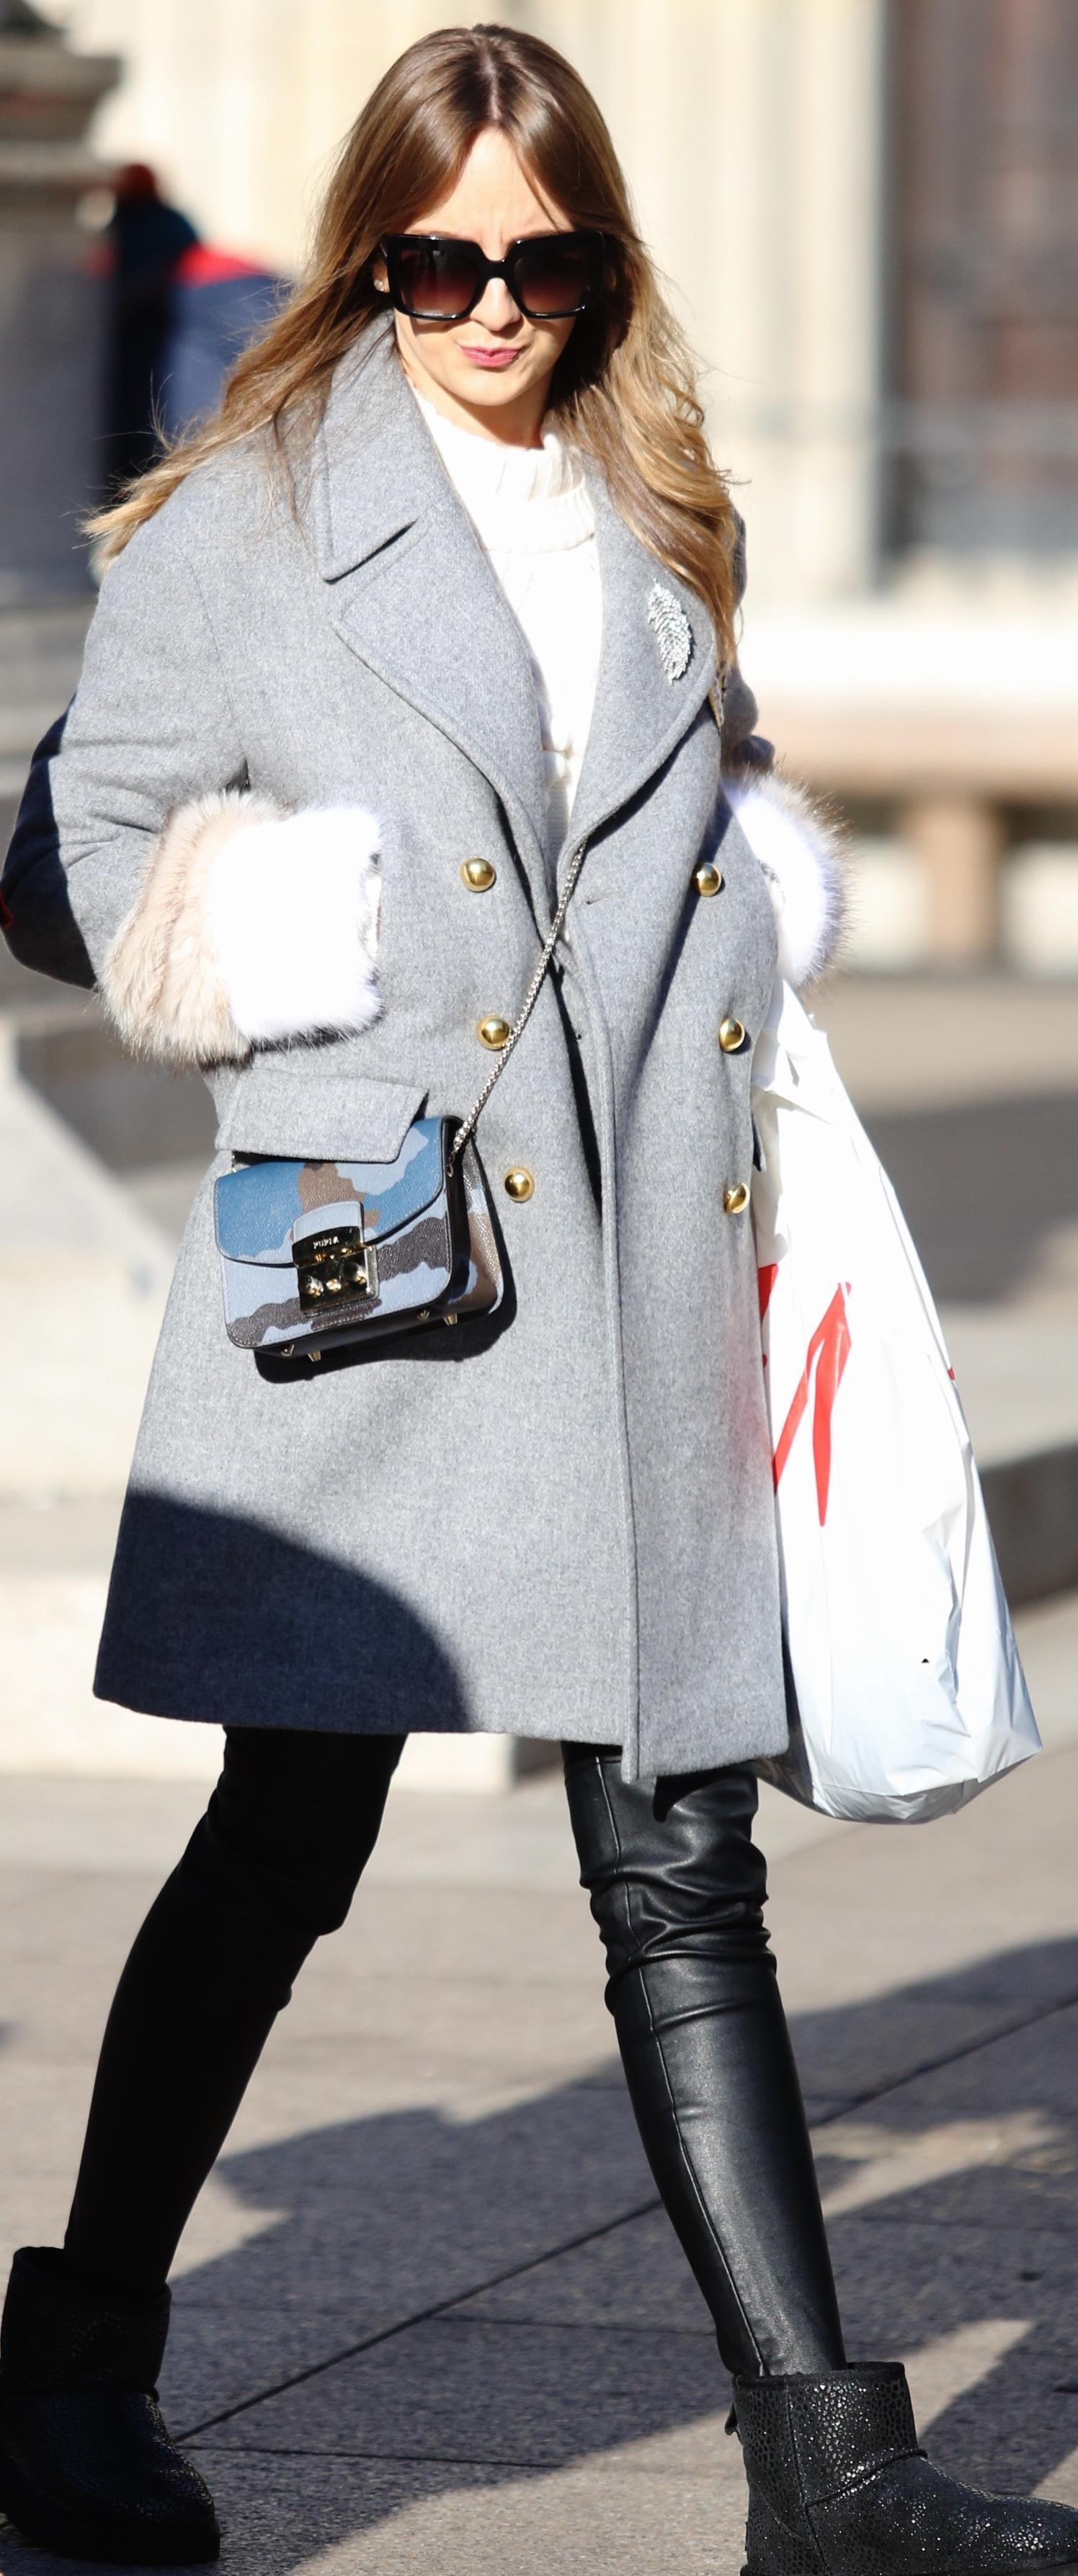 Ako ne znate što nositi ove zime, inspirirajte se zgodnom brinetom sa špice